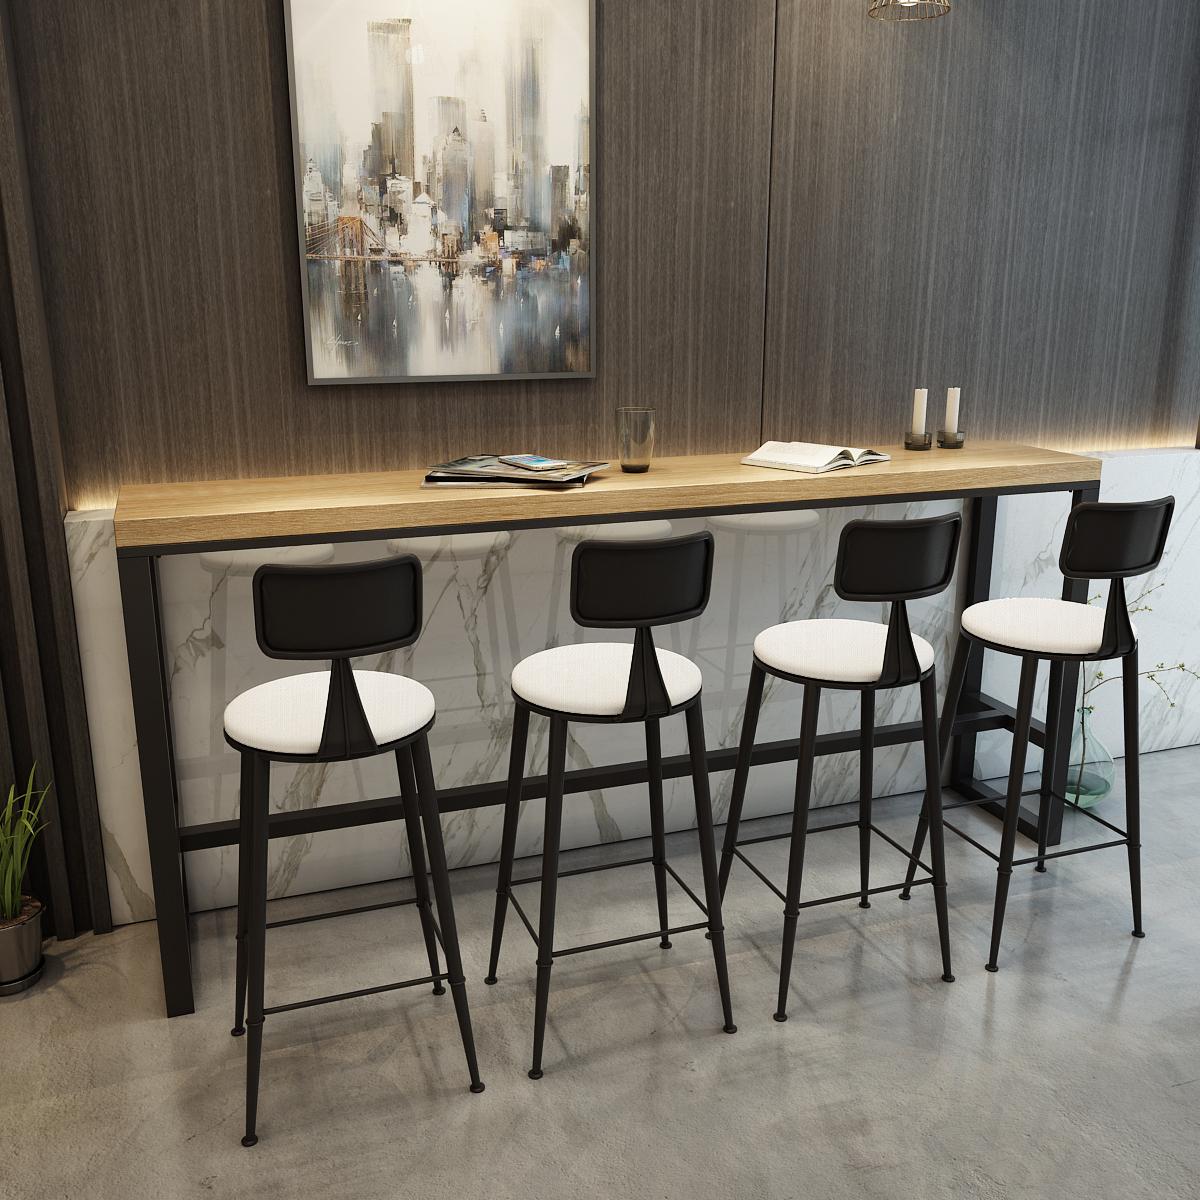 Скандинавская кованая железная древесина барный стол домашний журнальный столик Starbucks long полосатый Столовый ресторан высокая Стол, магазин чая, стол и стулья